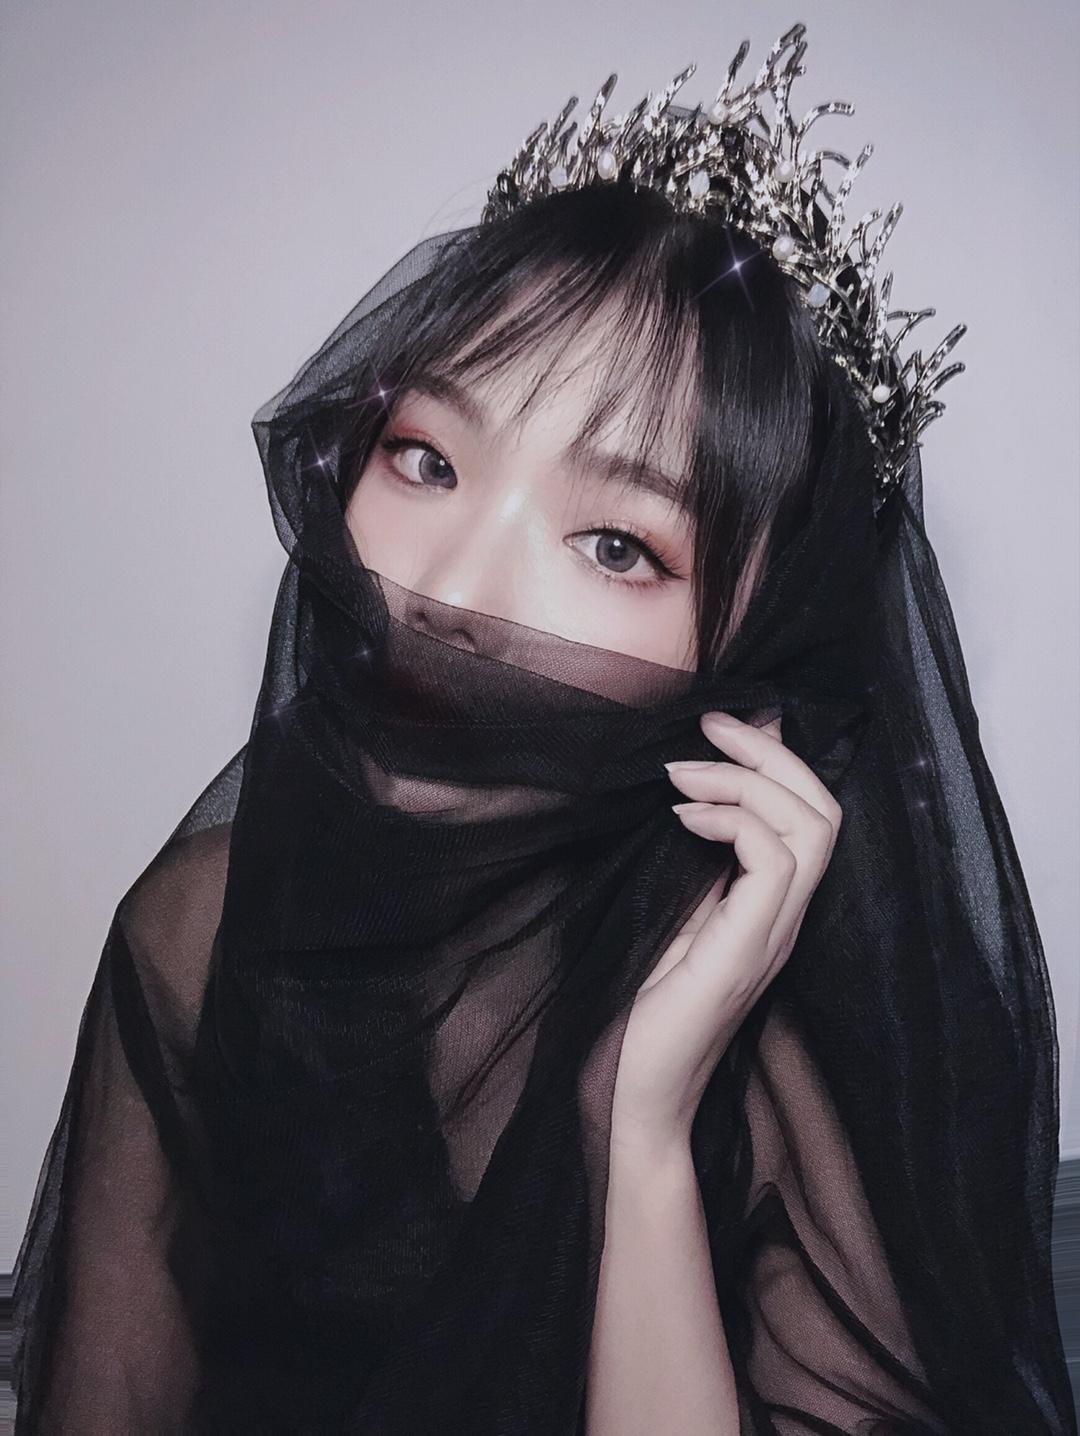 Lovely專注飾品 簡約黑色頭紗萬圣節拍照短款復古暗黑韓新娘新款拖尾頭紗寫真cos